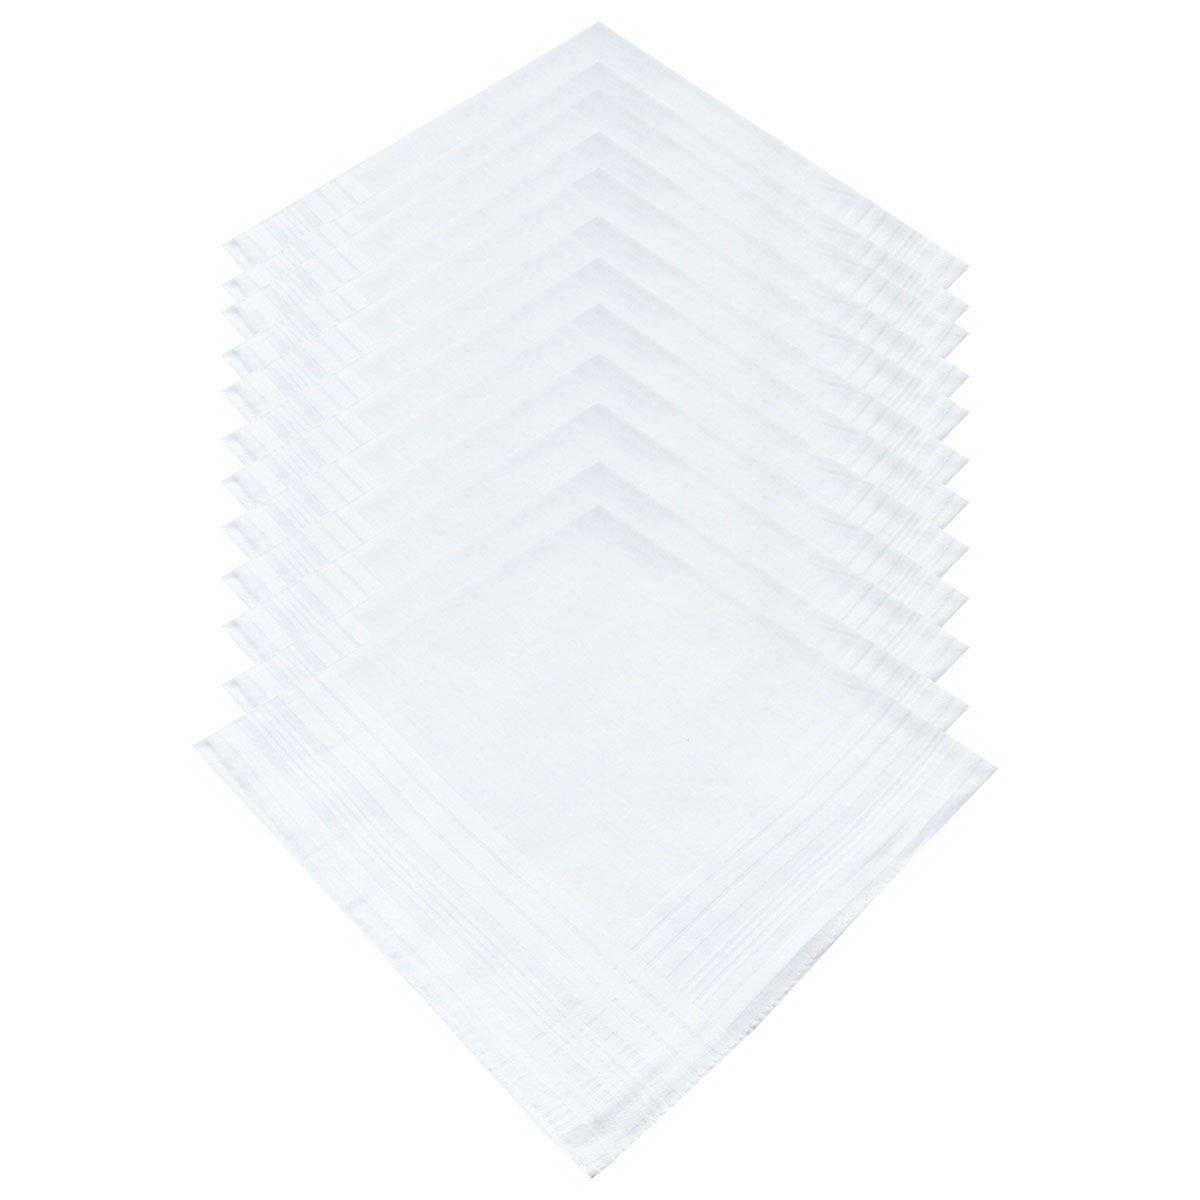 LACS Men's Solid White Cotton Handkerchiefs Pack by LACS Handkerchiefs (Image #3)